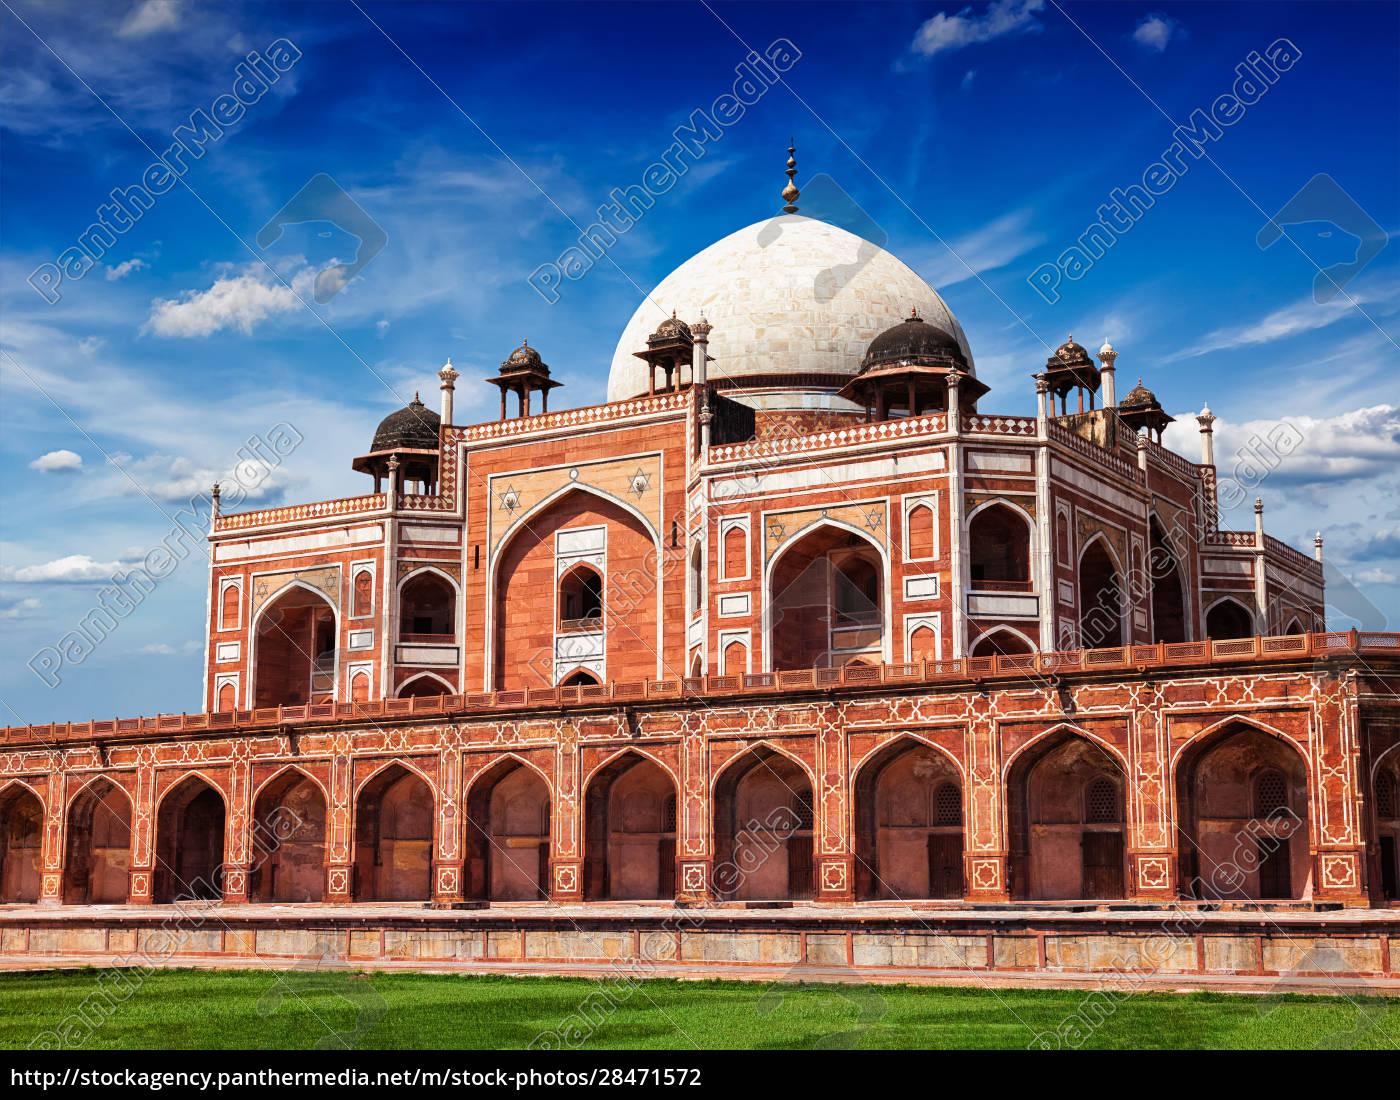 humayuns, grab., delhi, indien - 28471572